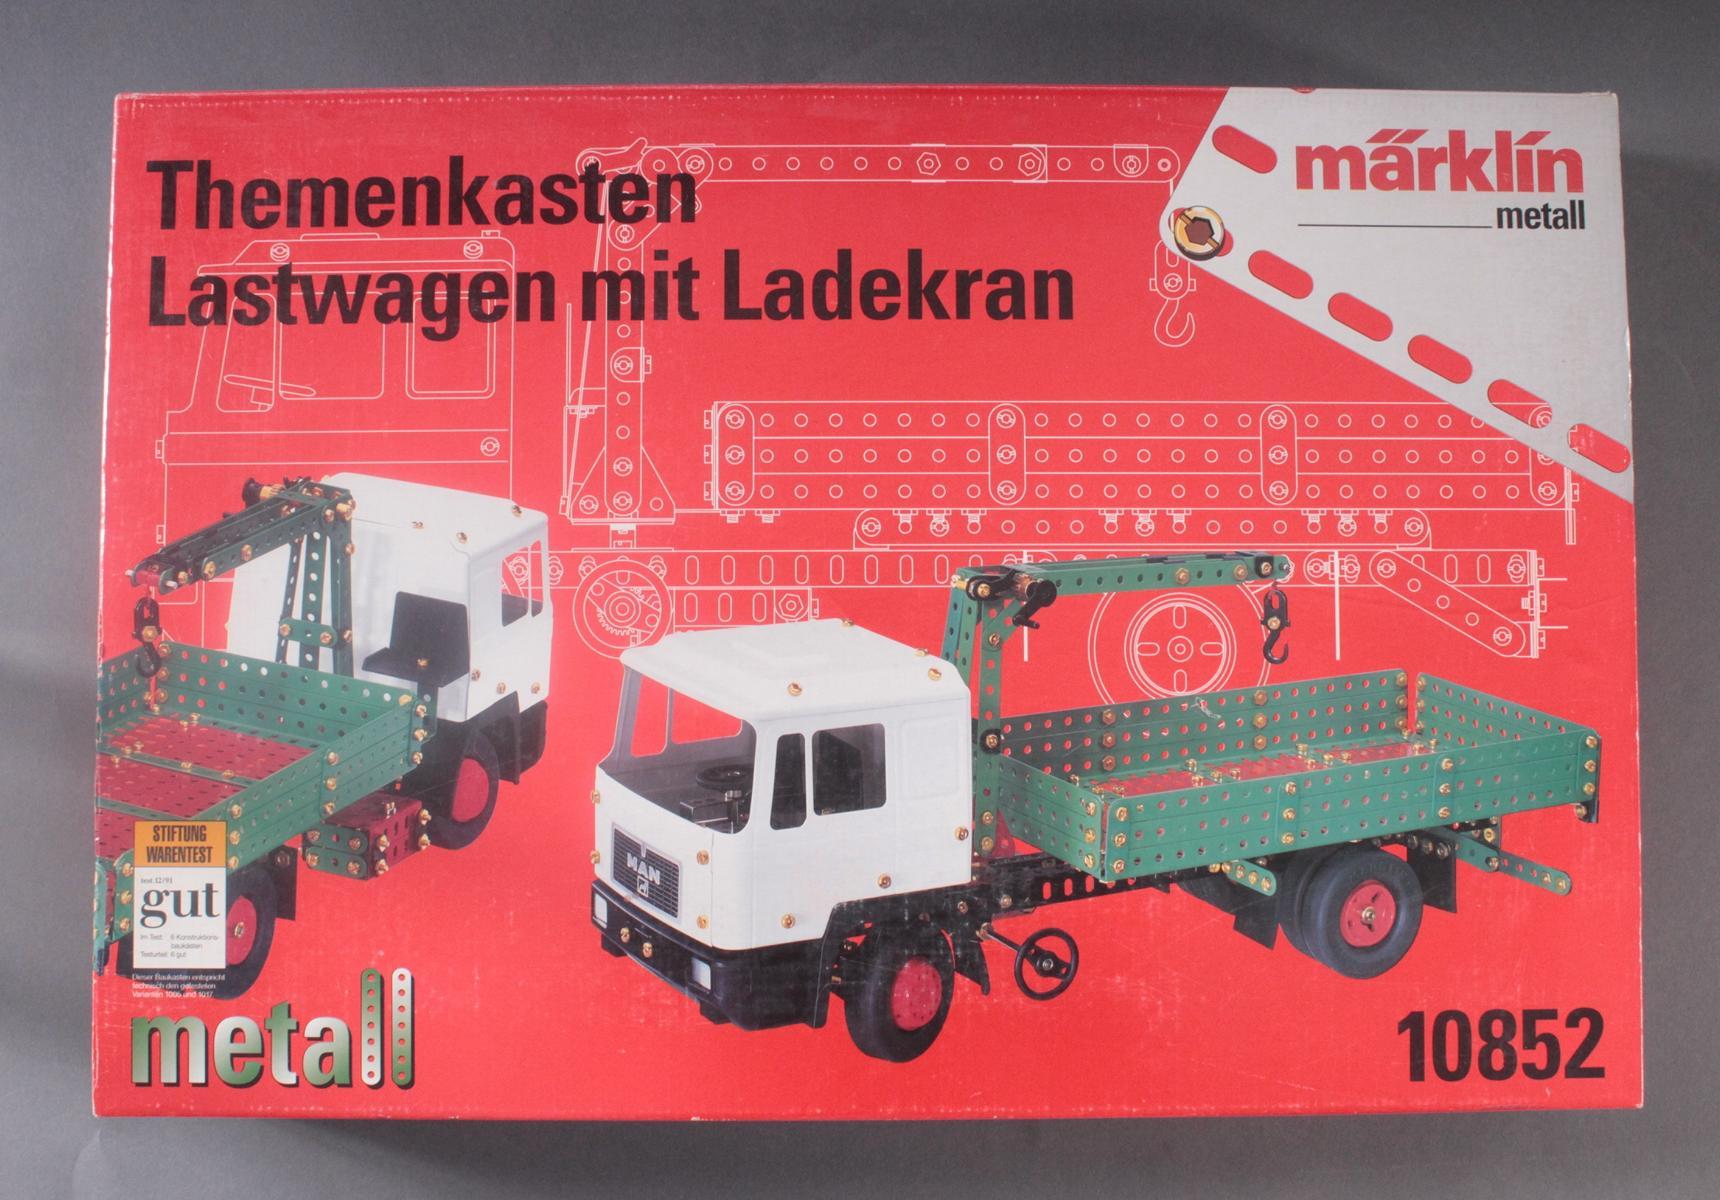 Märklin 10852 Themenkasten Lastwagen mit Ladekran-3